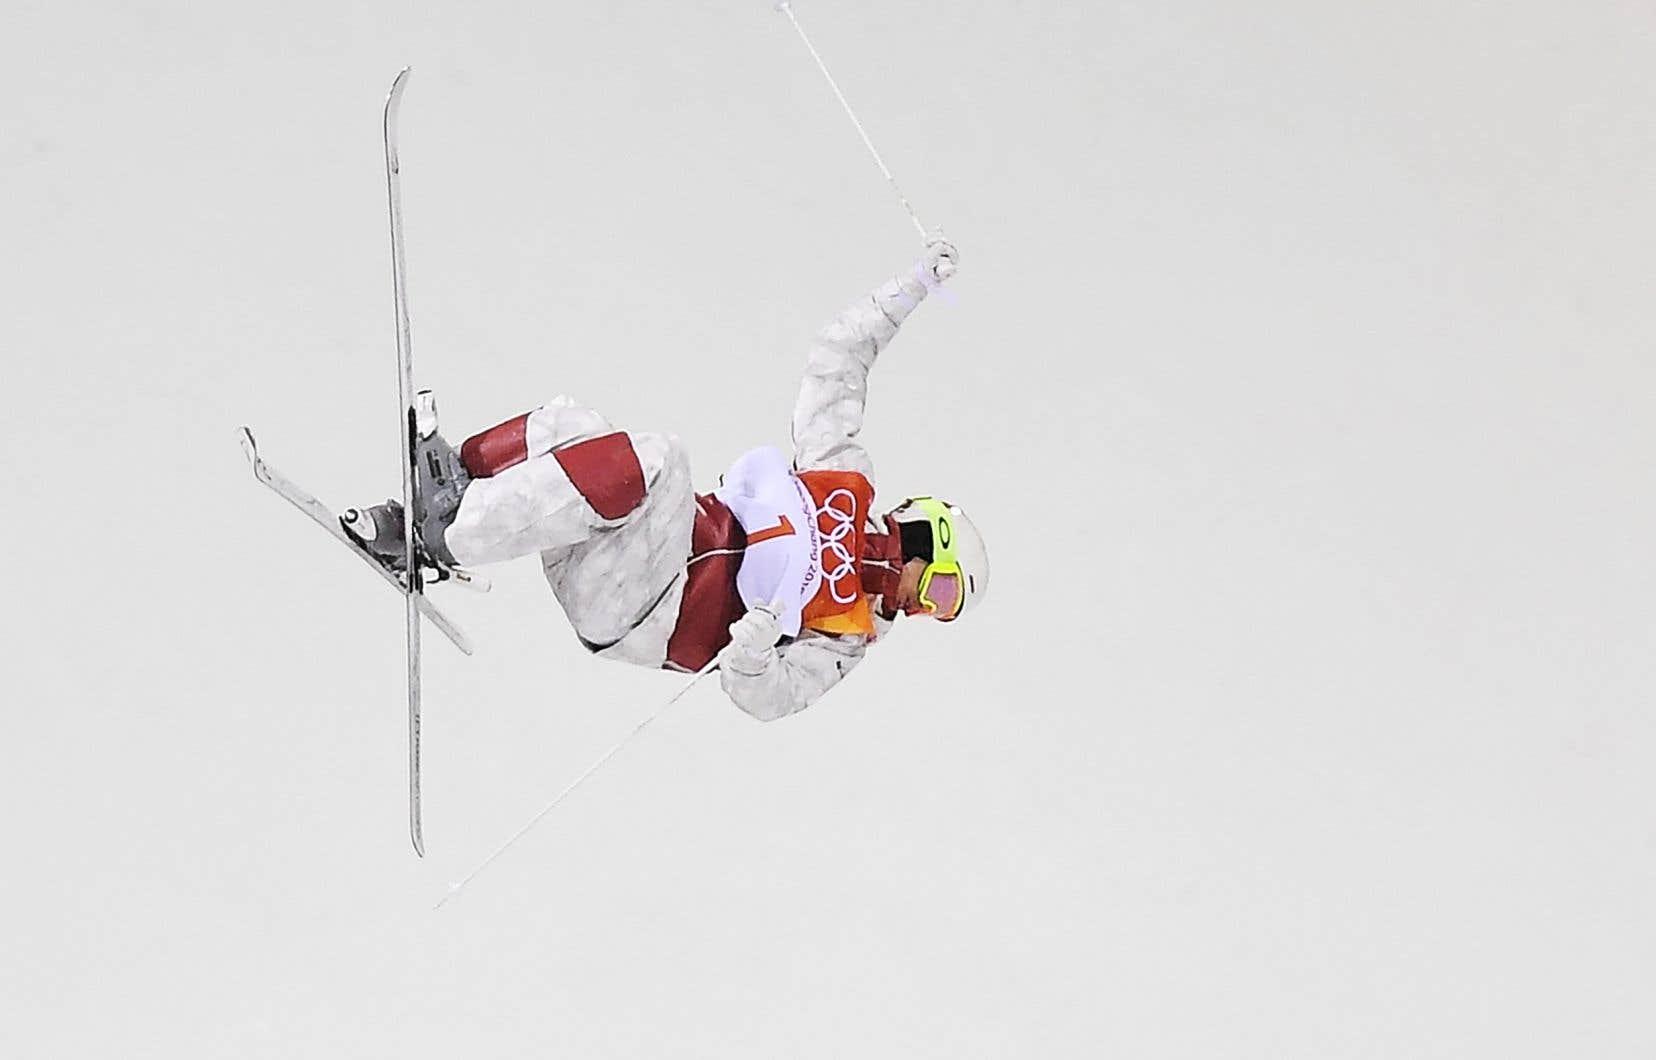 Le skieur acrobatique Mikaël Kingsbury, pendant la finale masculine des bosses